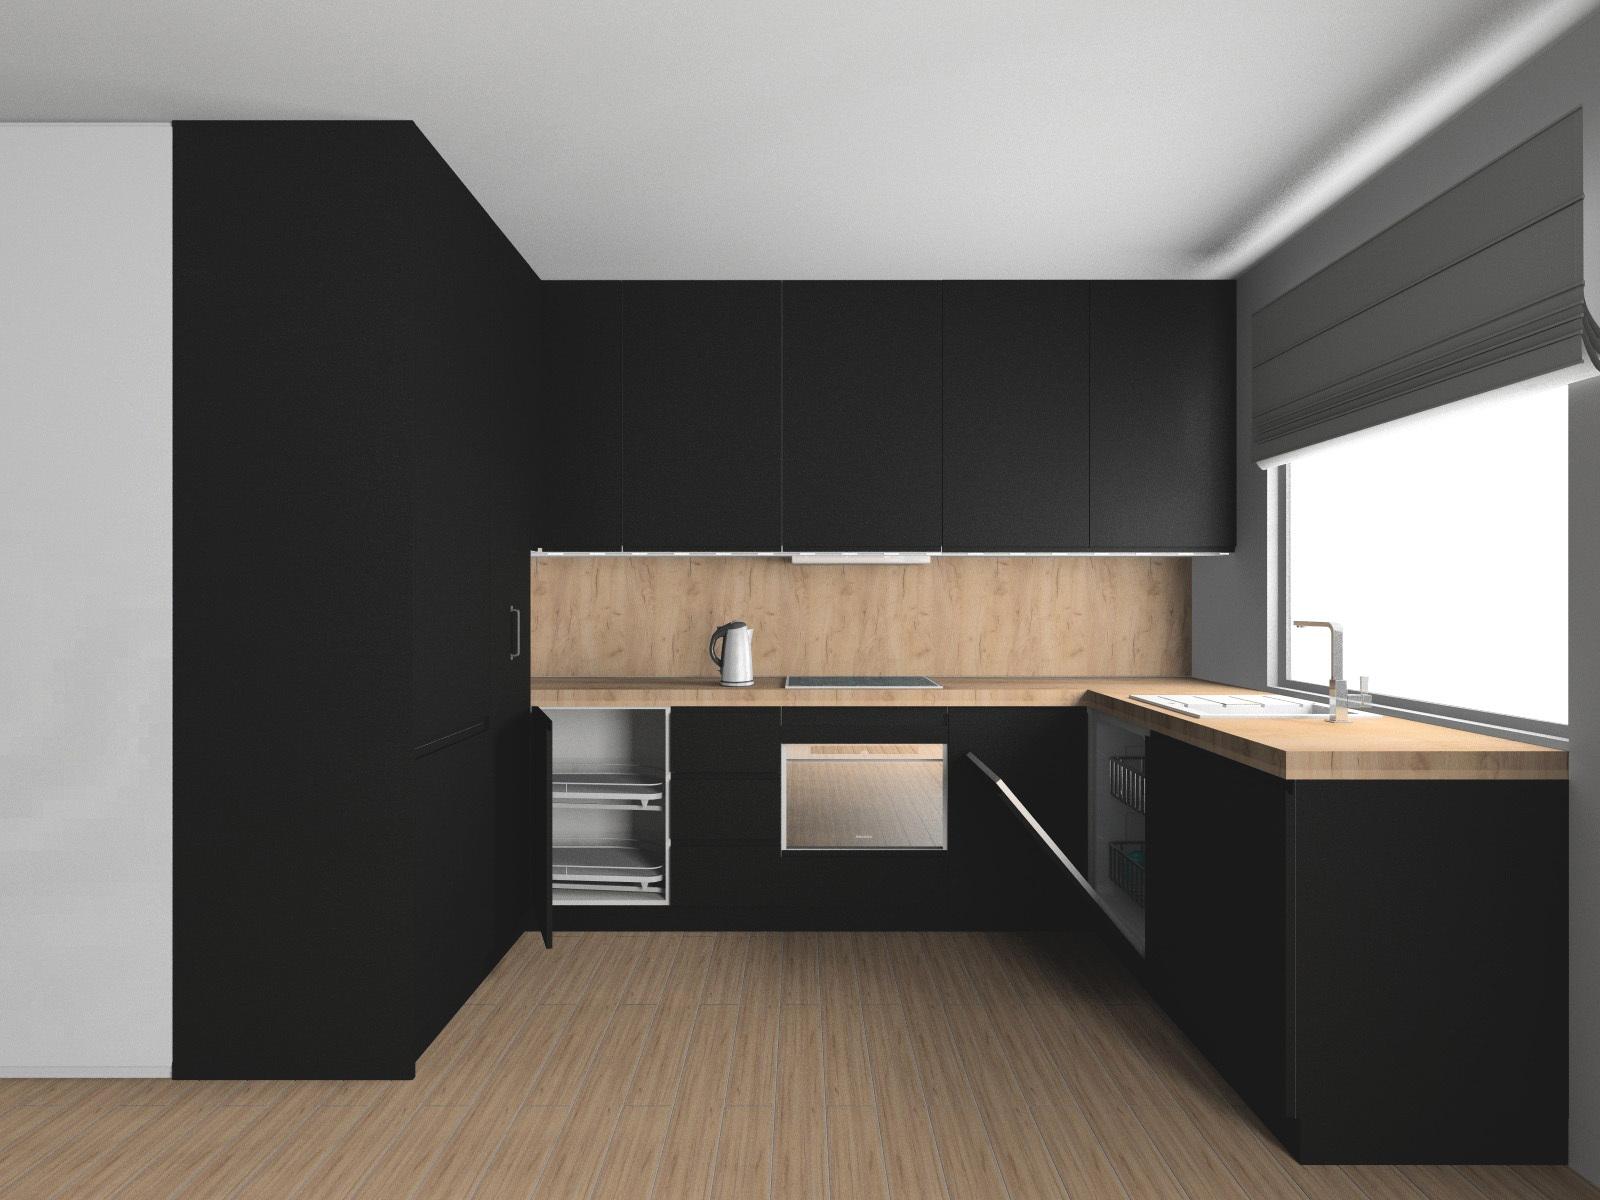 Czarna kuchnia w macie. Szybki projekt kuchni w programie KD Max V6